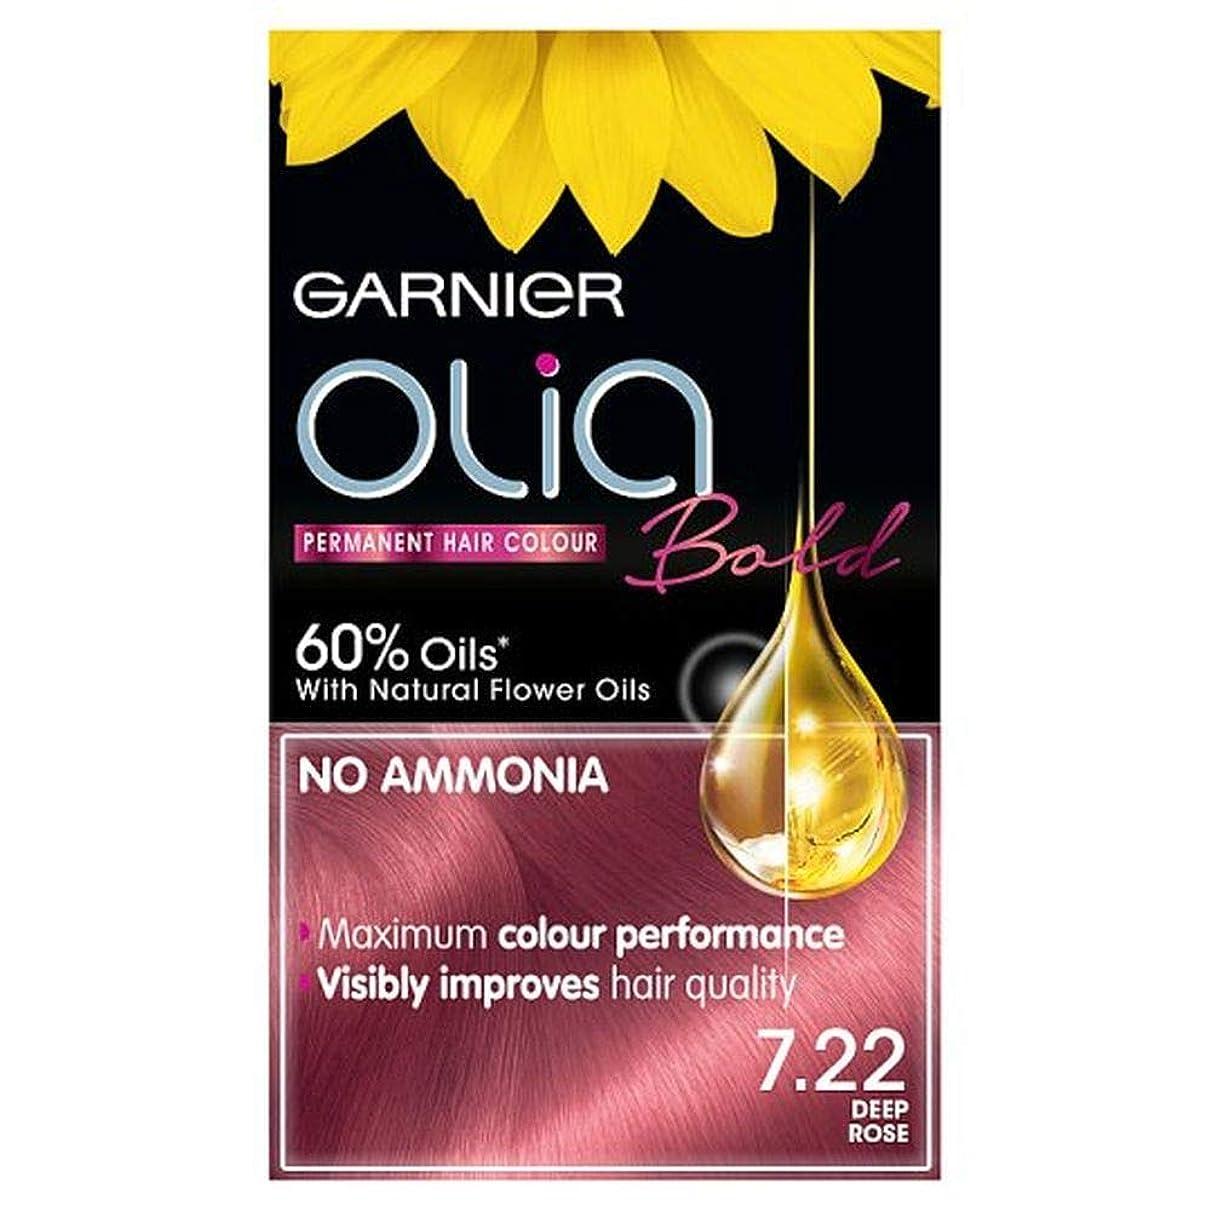 くるみ肩をすくめる従順[Garnier ] ガルニエOlia大胆な深いは永久染毛剤をバラ - Garnier Olia Bold Deep Rose Permanent Hair Dye [並行輸入品]